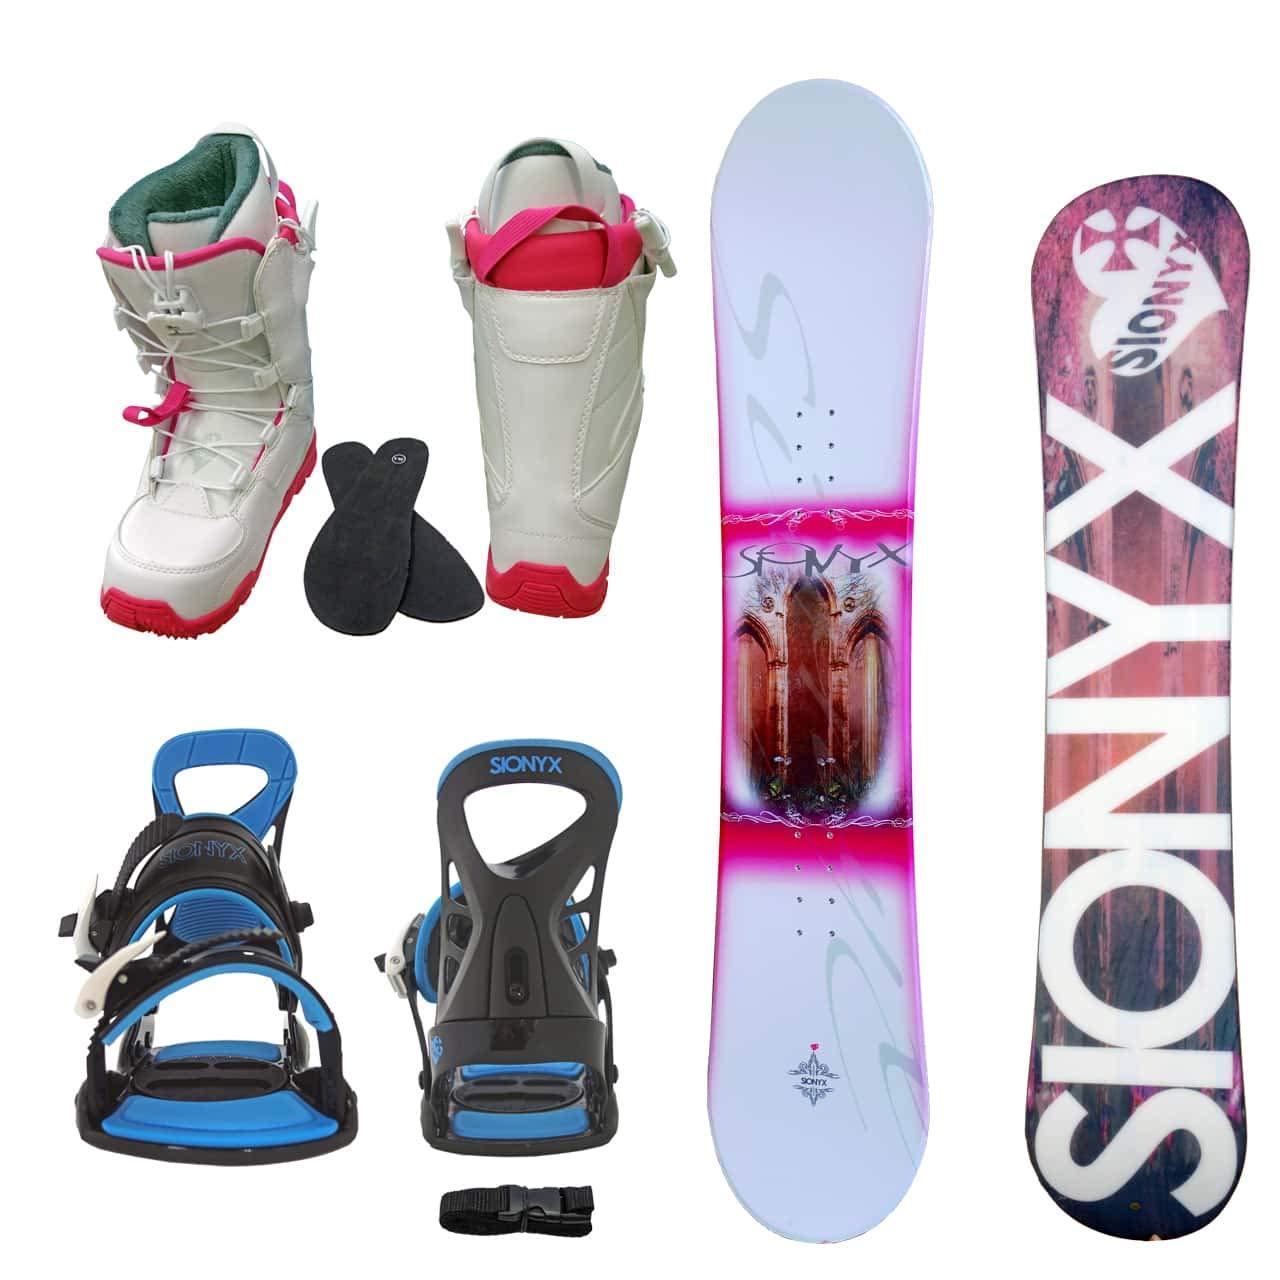 SIONYX レディース スノーボード3点セット スノボー+バインディング+クイックシューレースブーツ MONTE B07JK3MMMH ボード 144+boots 24.0|ボード ホワイト+binding ブルー+boots ホワイト ボード ホワイト+binding ブルー+boots ホワイト ボード 144+boots 24.0